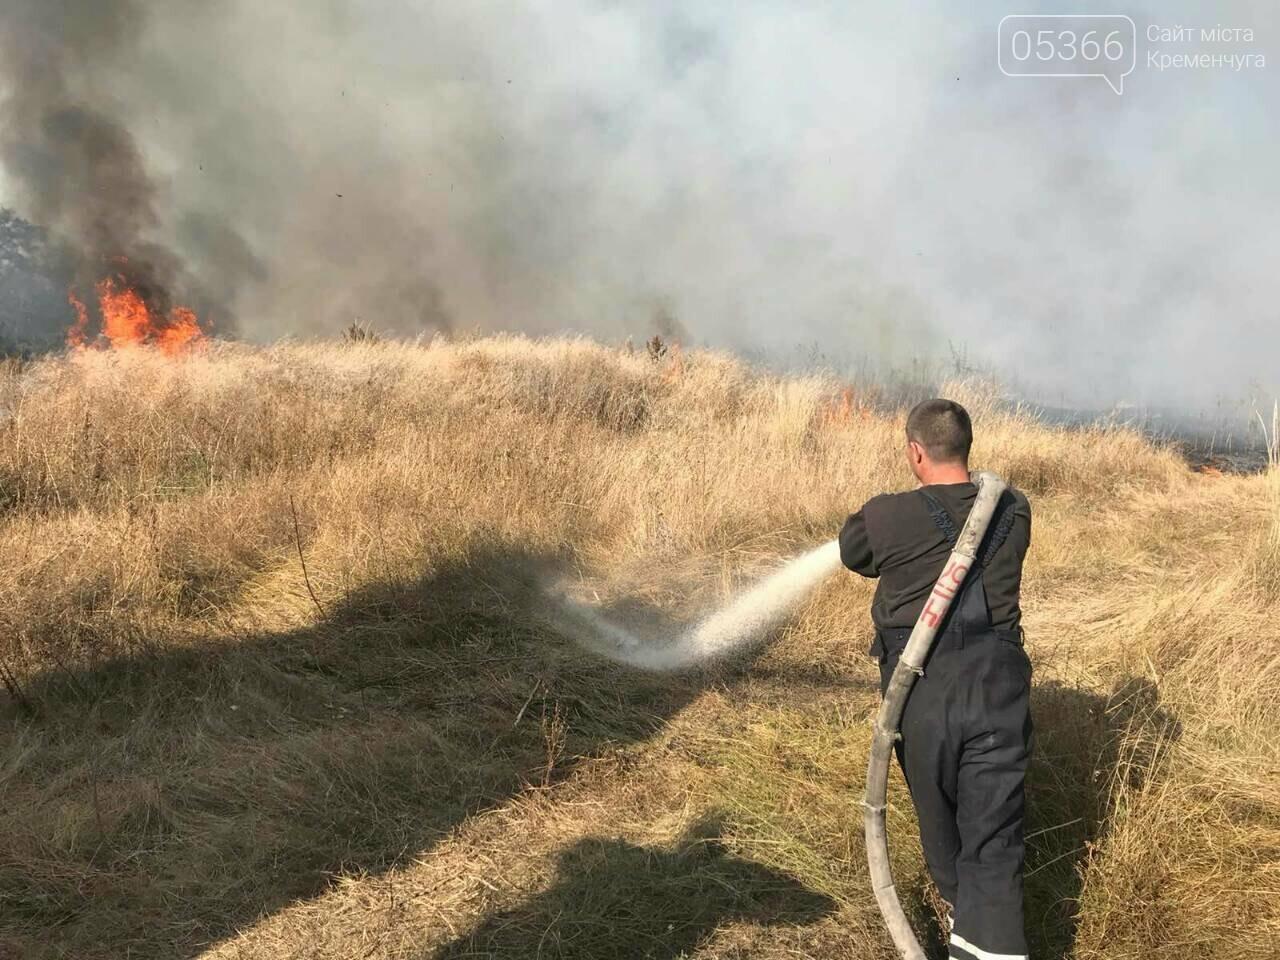 У Кременчуцькому районі горіло 43 гектари сухої рослинності: рятувальники виявили труп, фото-3